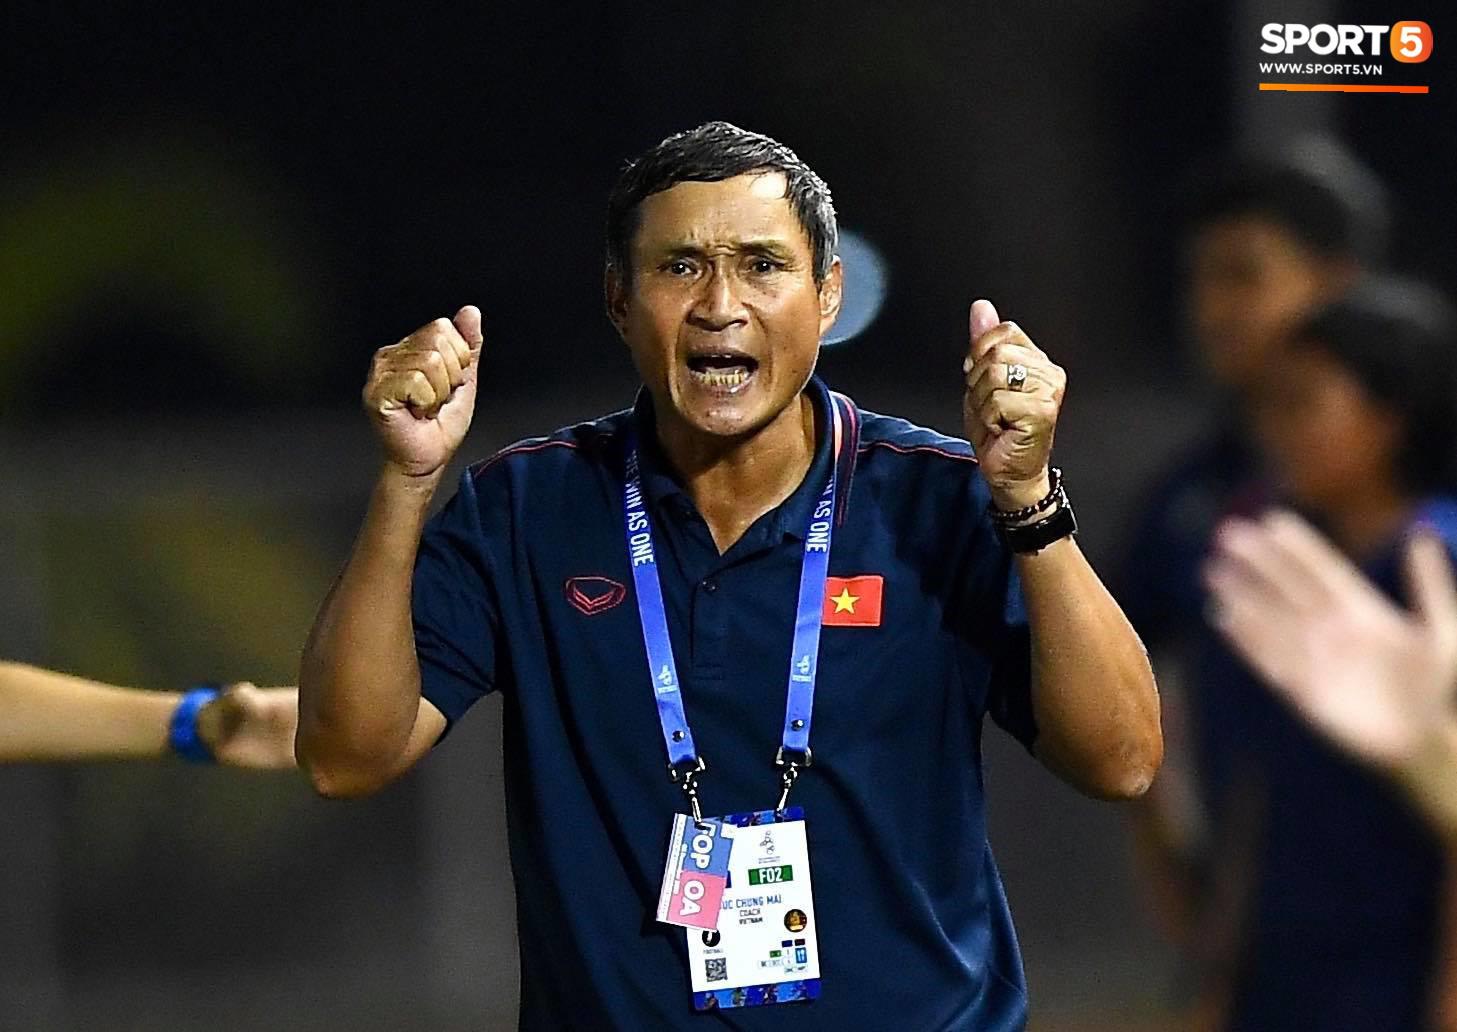 Đội trưởng tuyển nữ Việt Nam đổ gục xuống sân vì kiệt sức sau khi cùng đồng đội giành quyền vào chung kết SEA Games 30 - Ảnh 9.